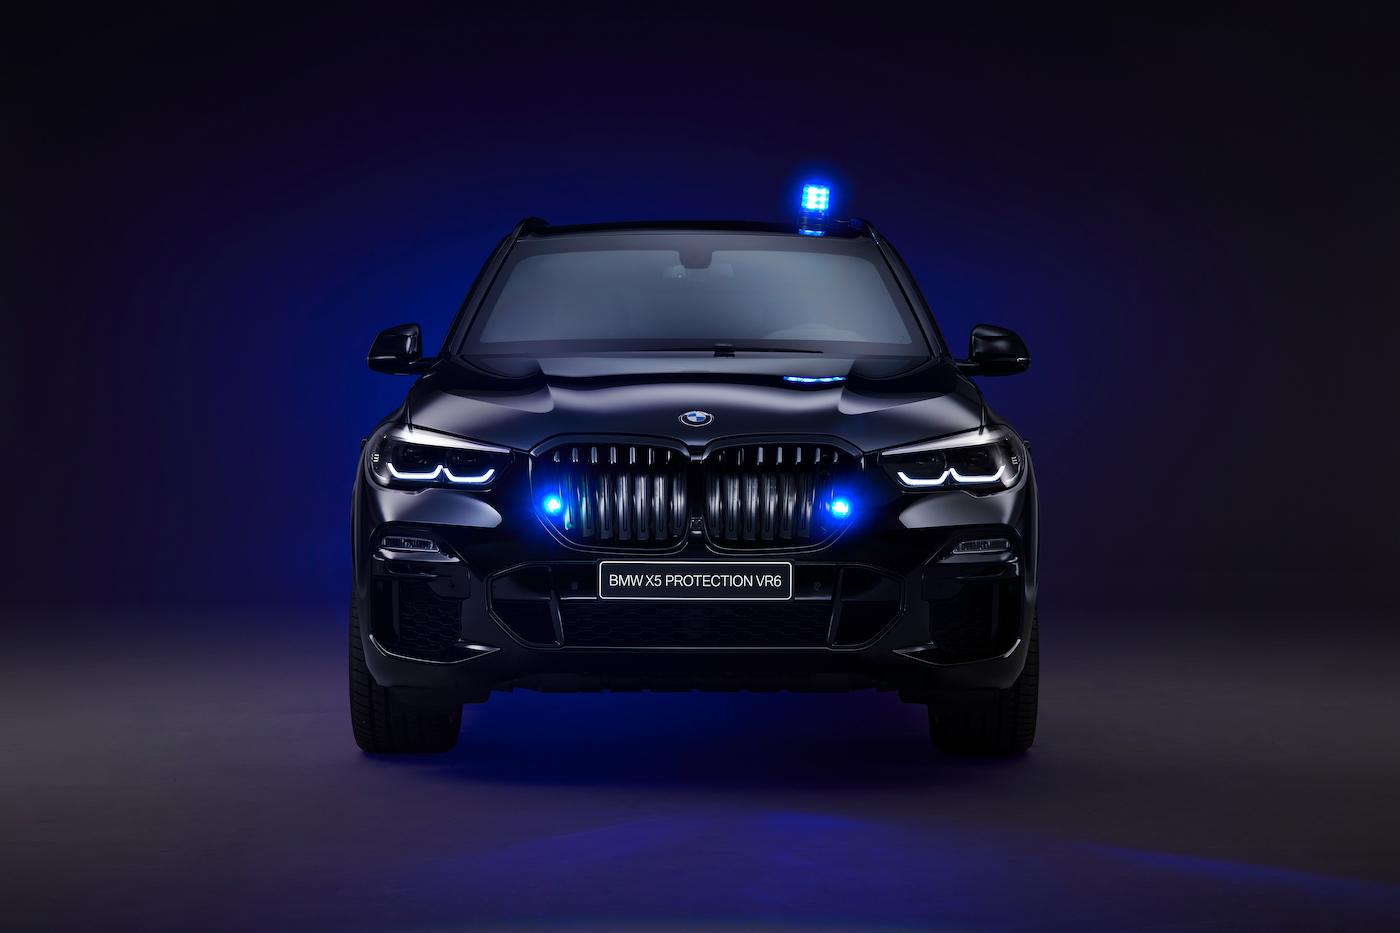 Schutz ohne Kompromisse: Der neue Panzer-BMW X5 Protection VR6